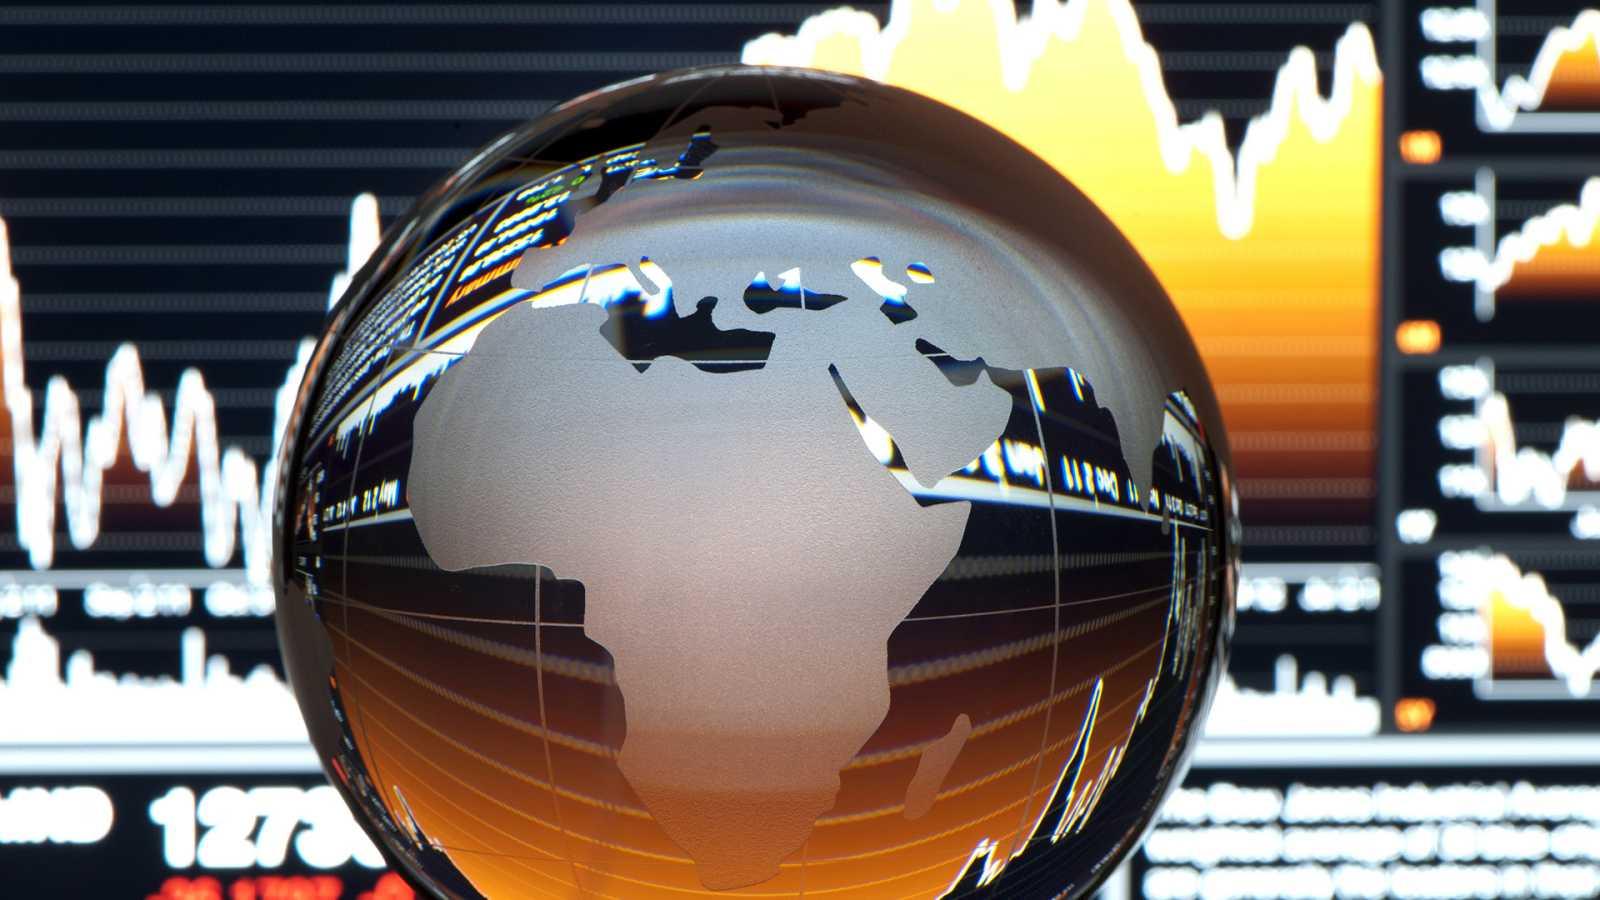 África hoy - El Banco Mundial en África - 16/02/21 - escuchar ahora